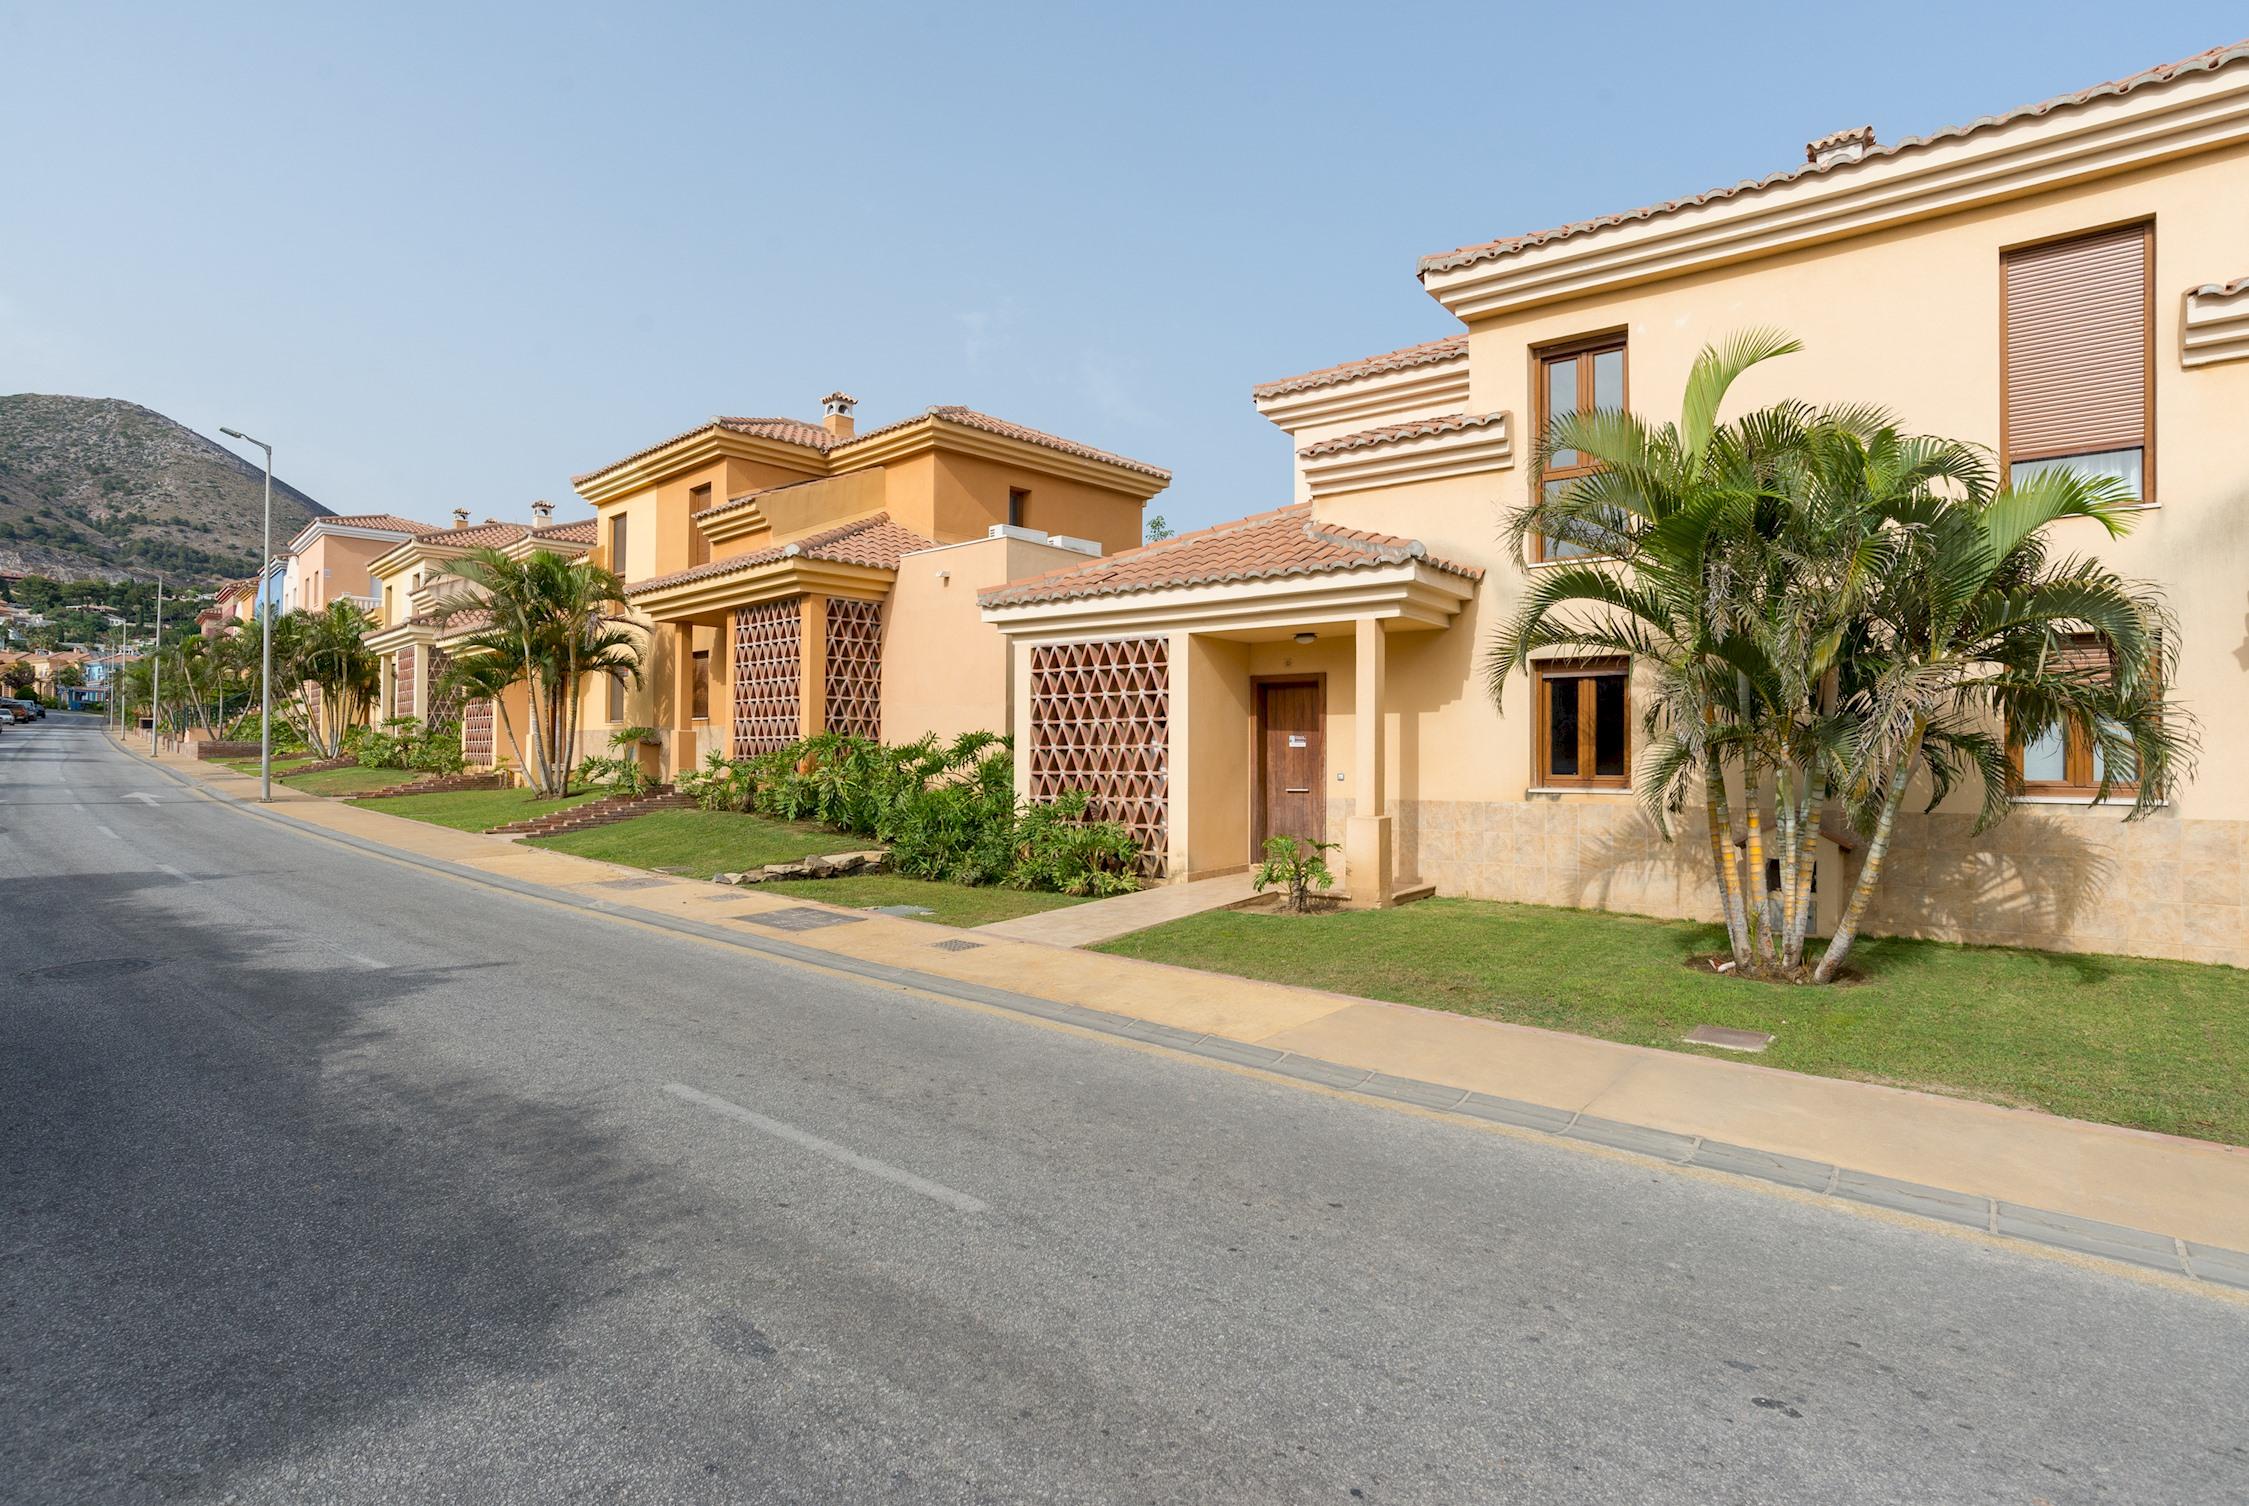 Apartment MalagaSuite Private Deluxe Villa photo 20498725